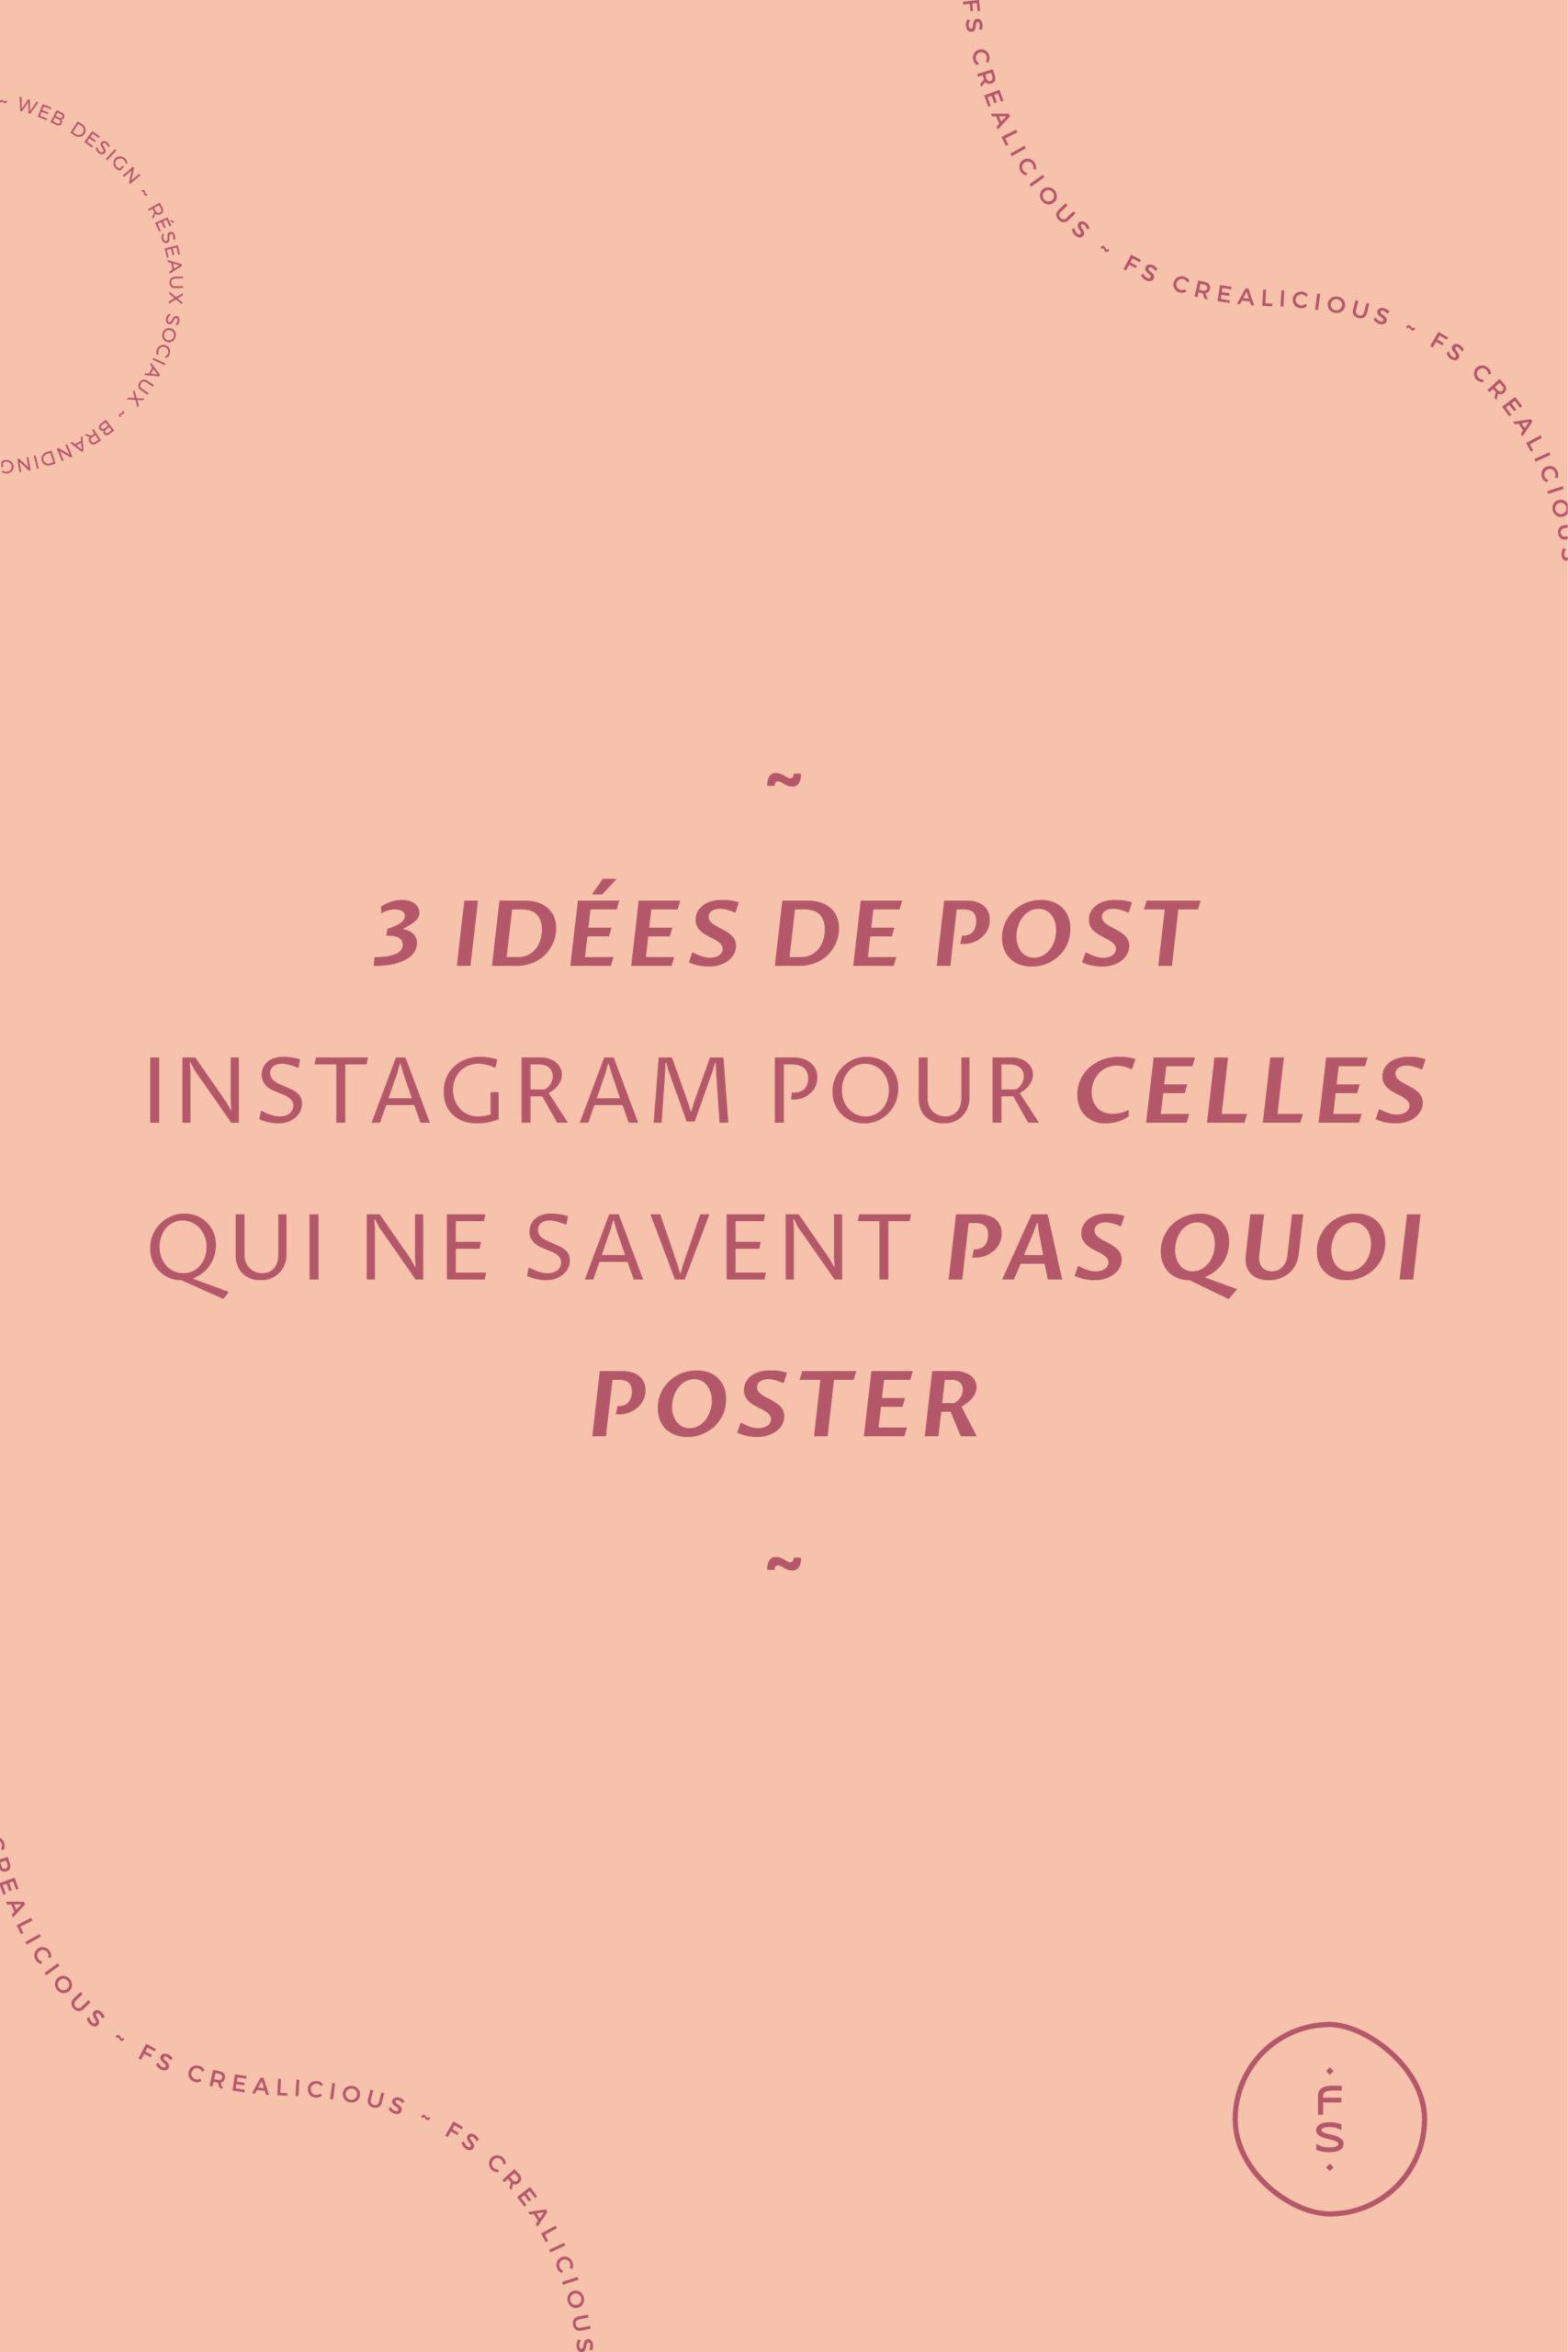 3 idées de post instagram pour celles qui ne savent pas quoi poster